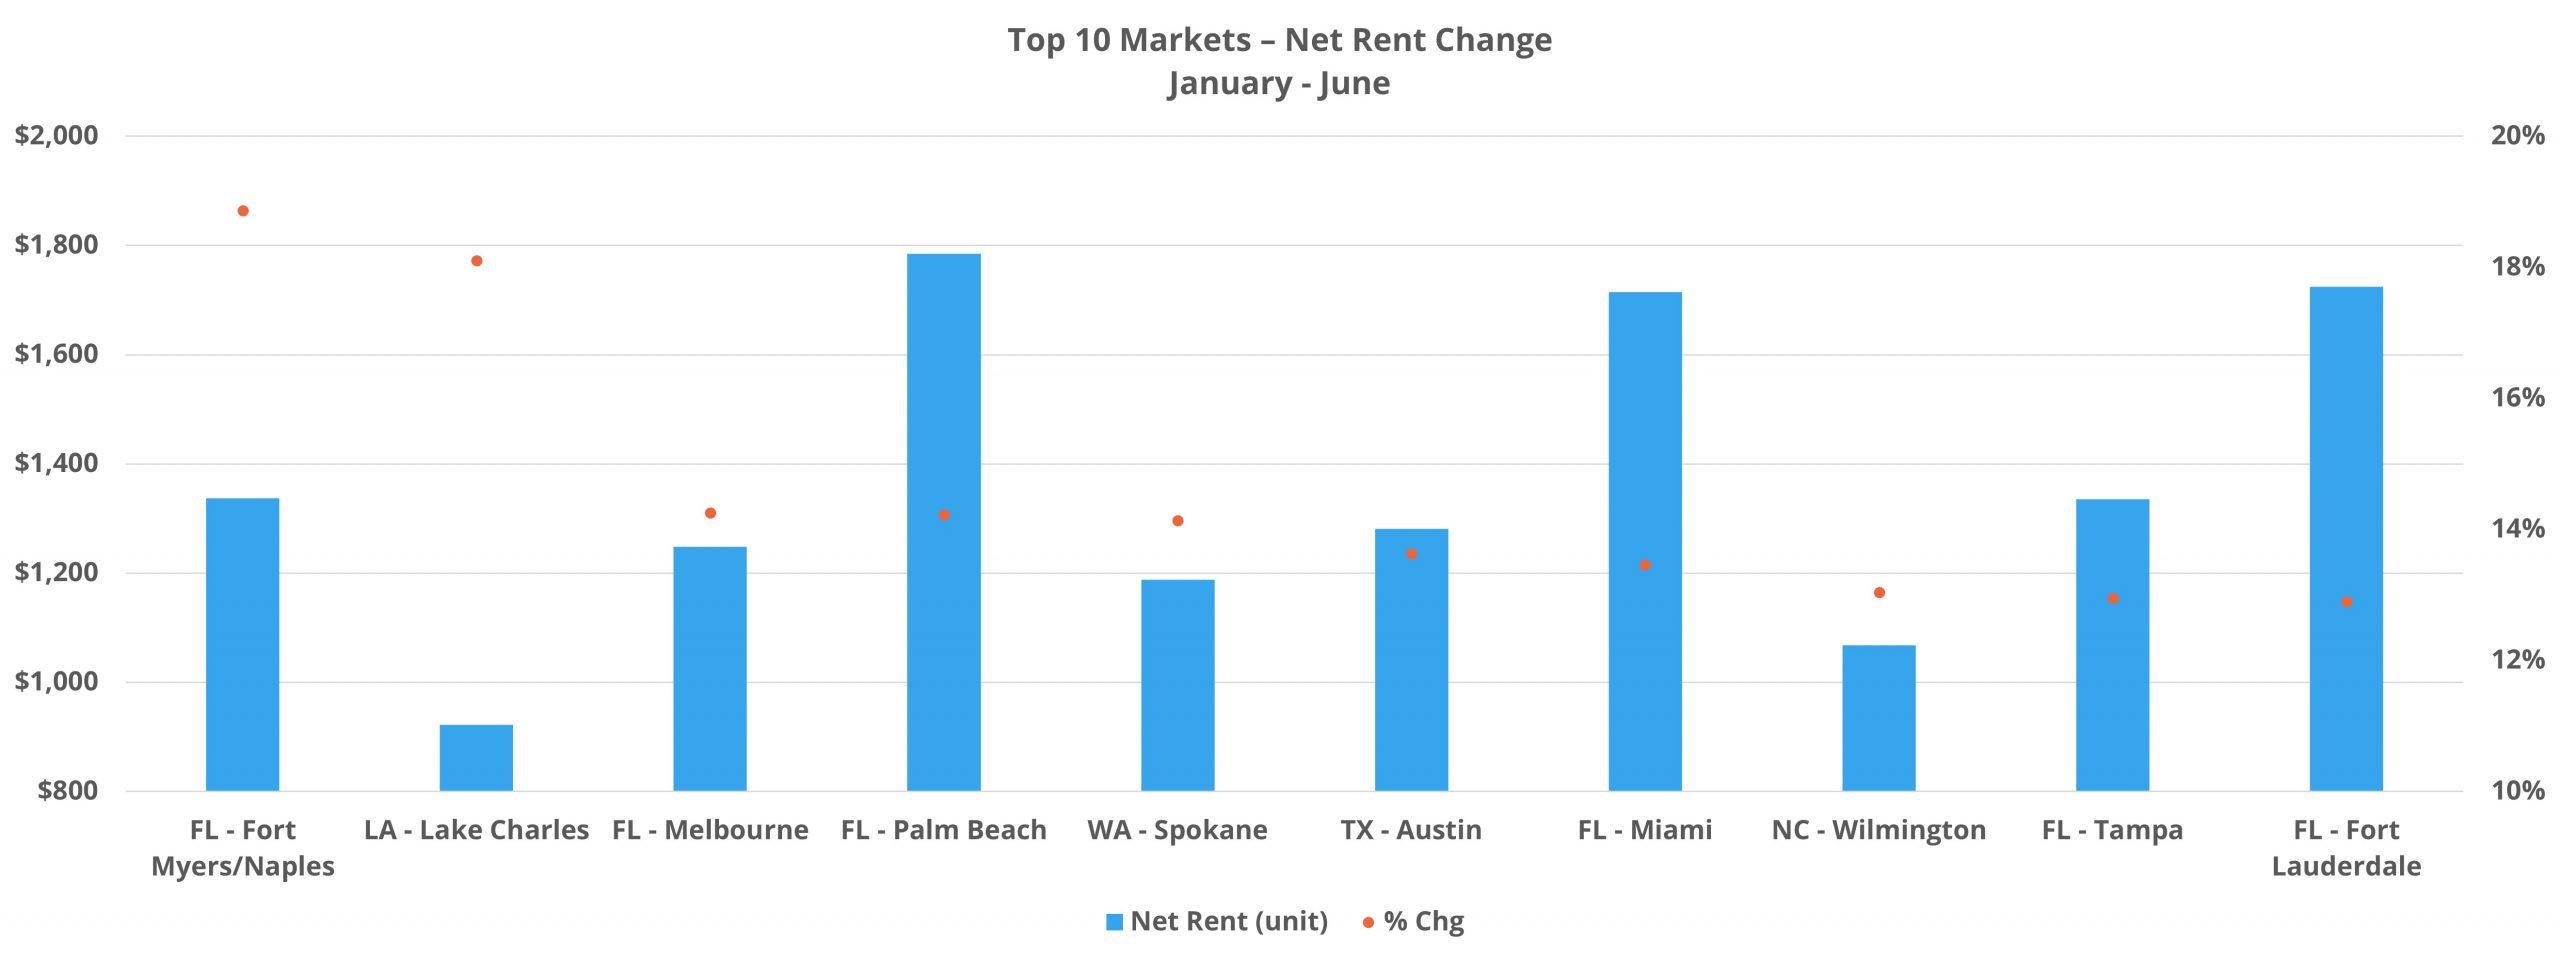 Top 10 Markets - Net Rent Change